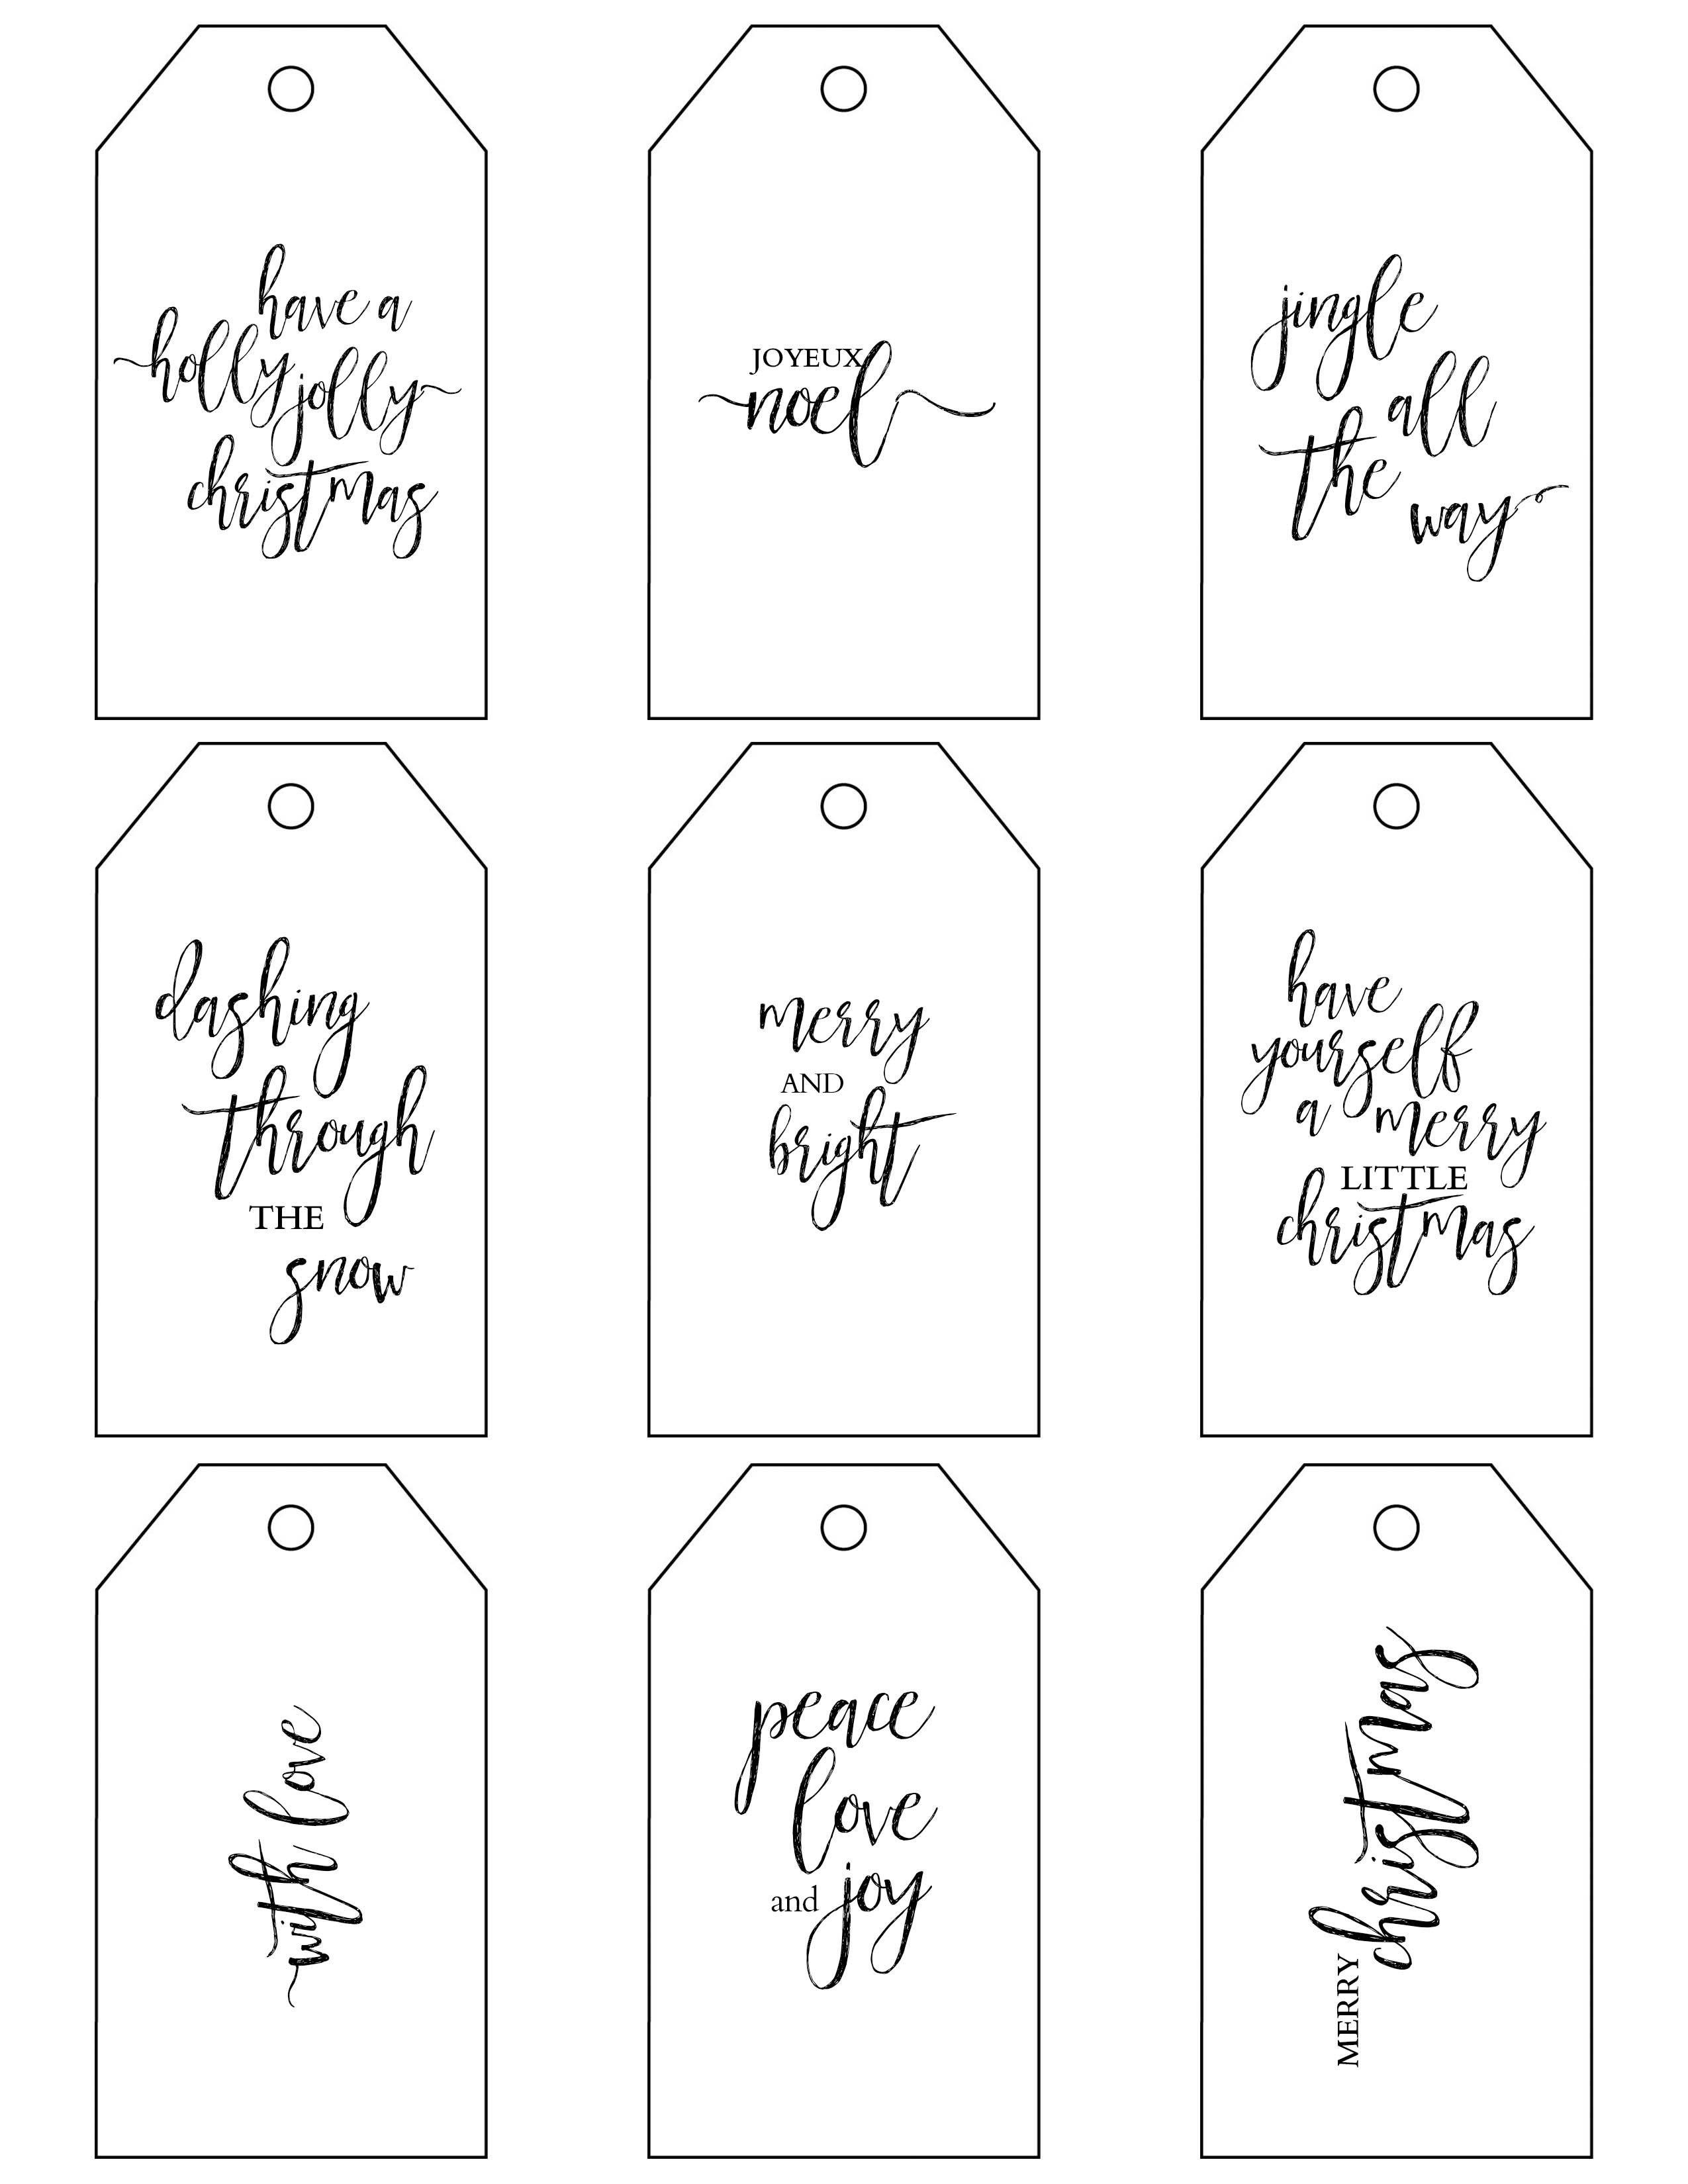 Printable Christmas Gift Tags Make Holiday Wrapping Simple - Diy Gift Tags Free Printable